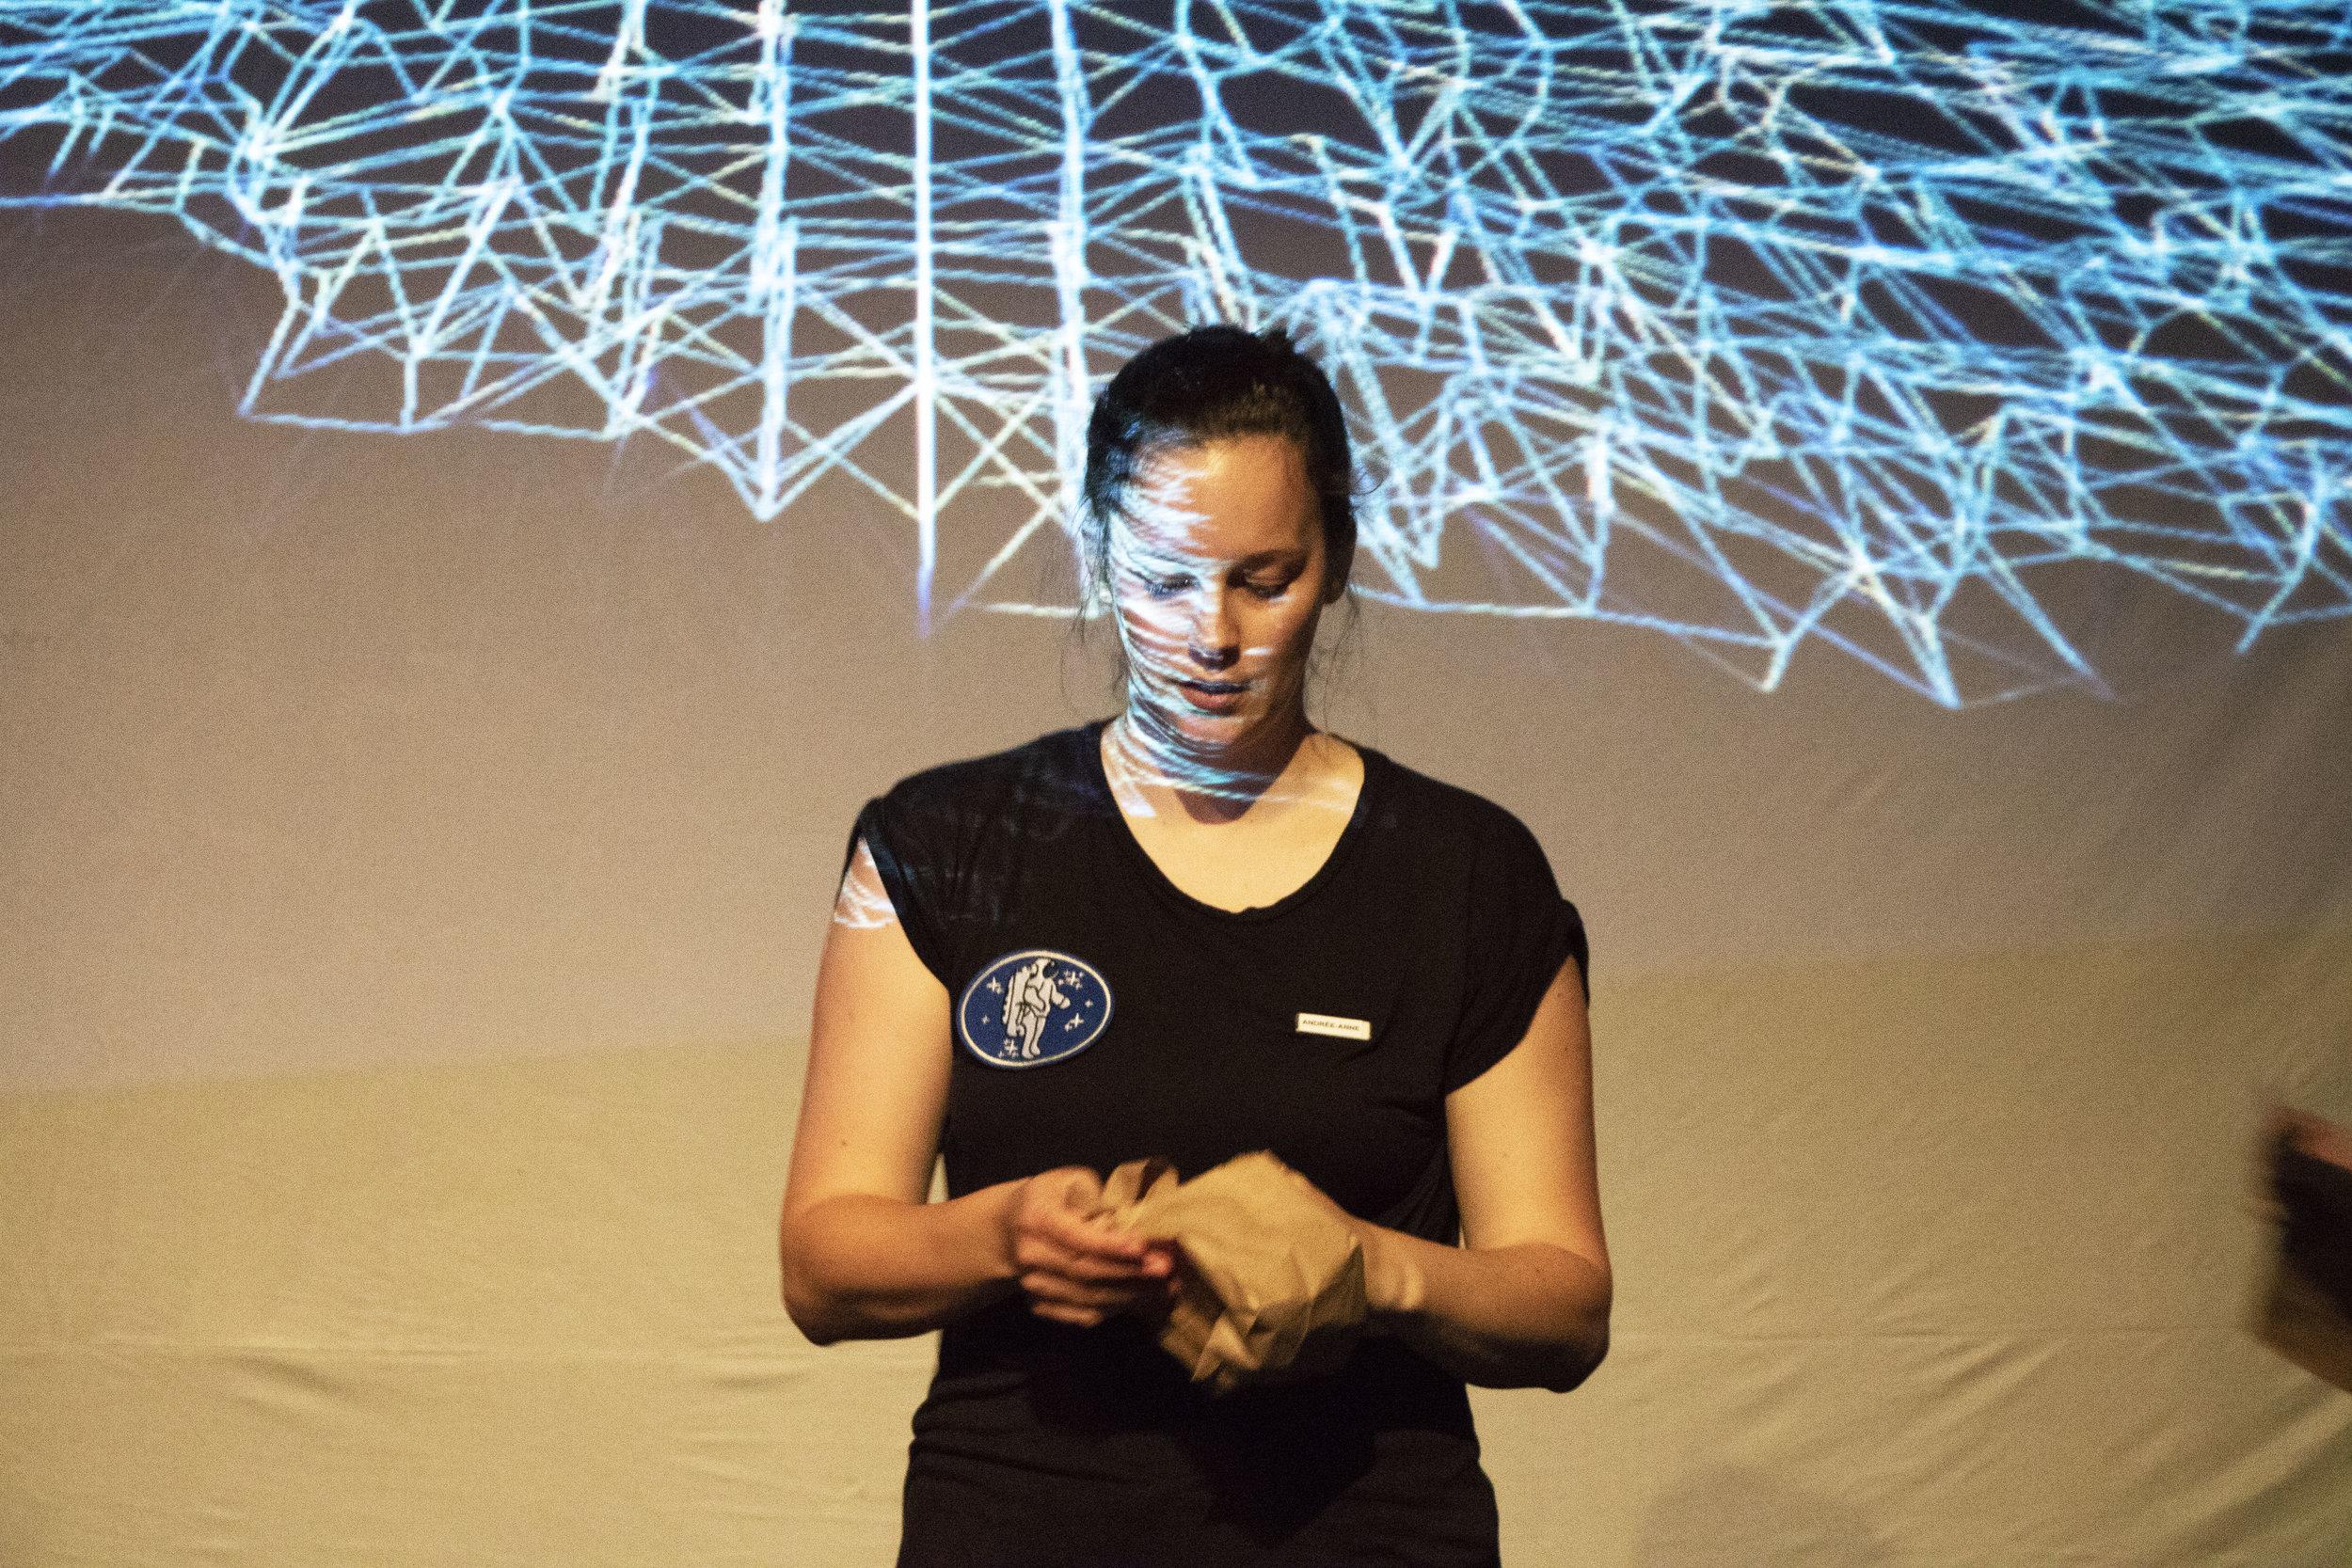 Andrée-Anne Giguère, devant de la projection en direct.